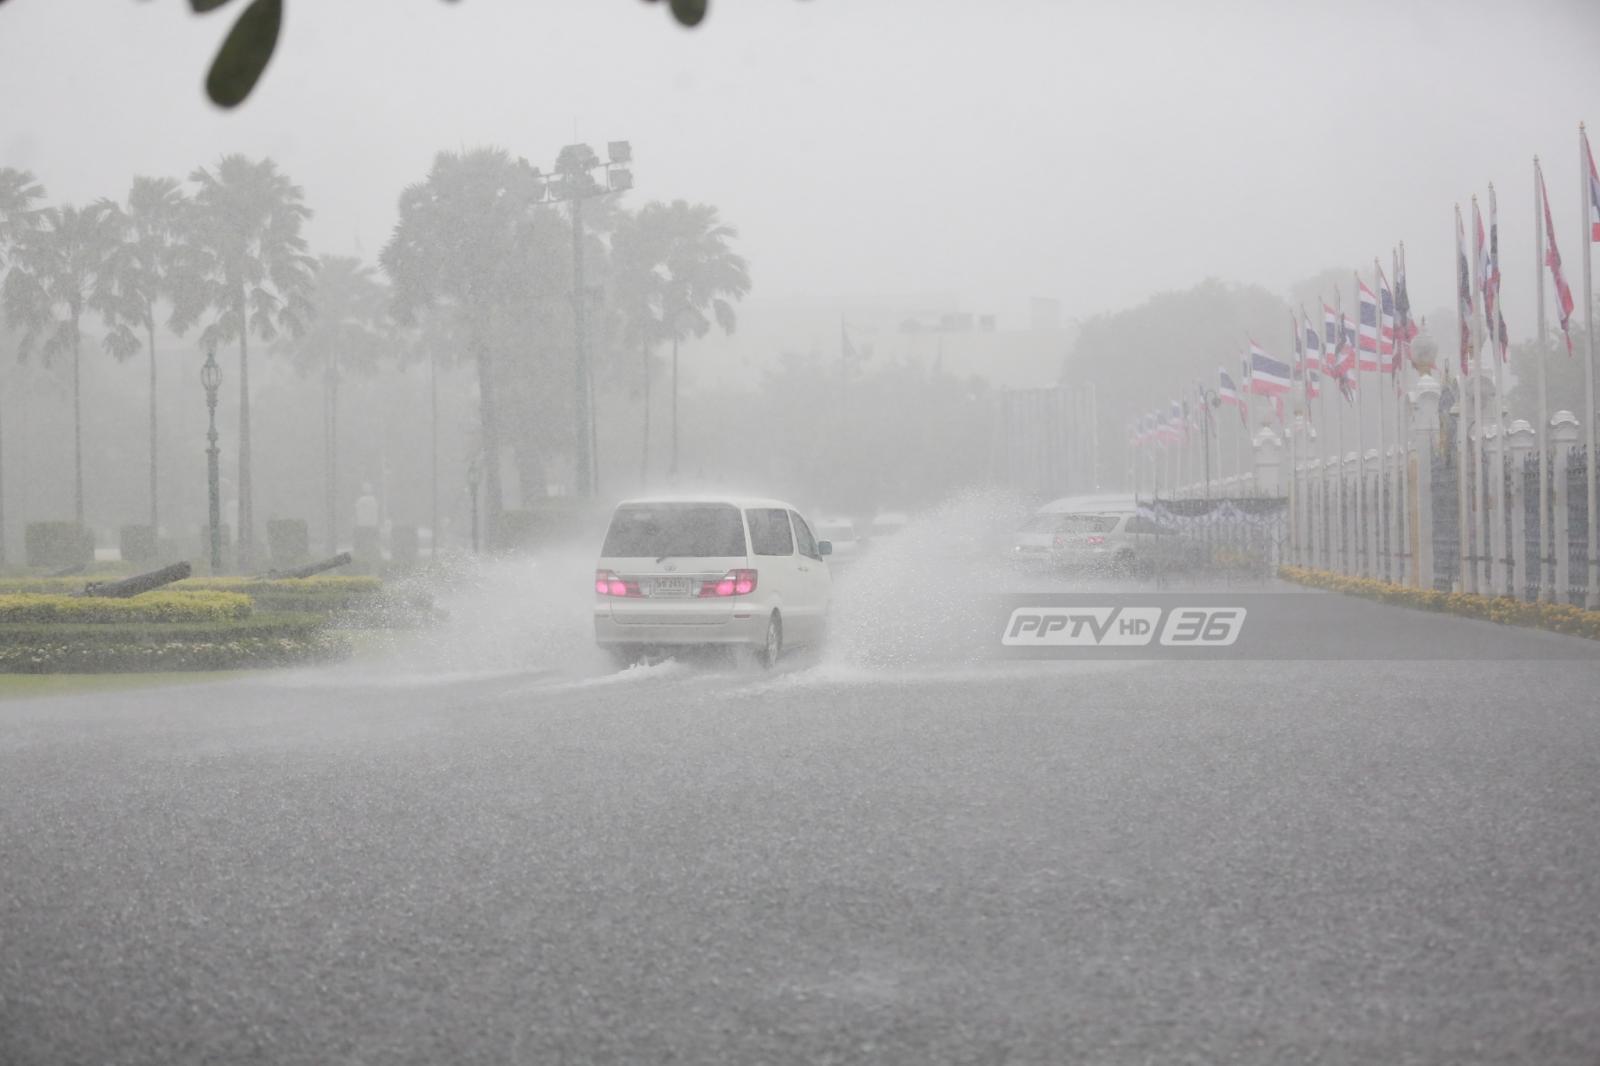 อุตุฯ เตือน ประเทศไทยเจอฝนตกหนักทุกภูมิภาค 7-9 ส.ค.นี้